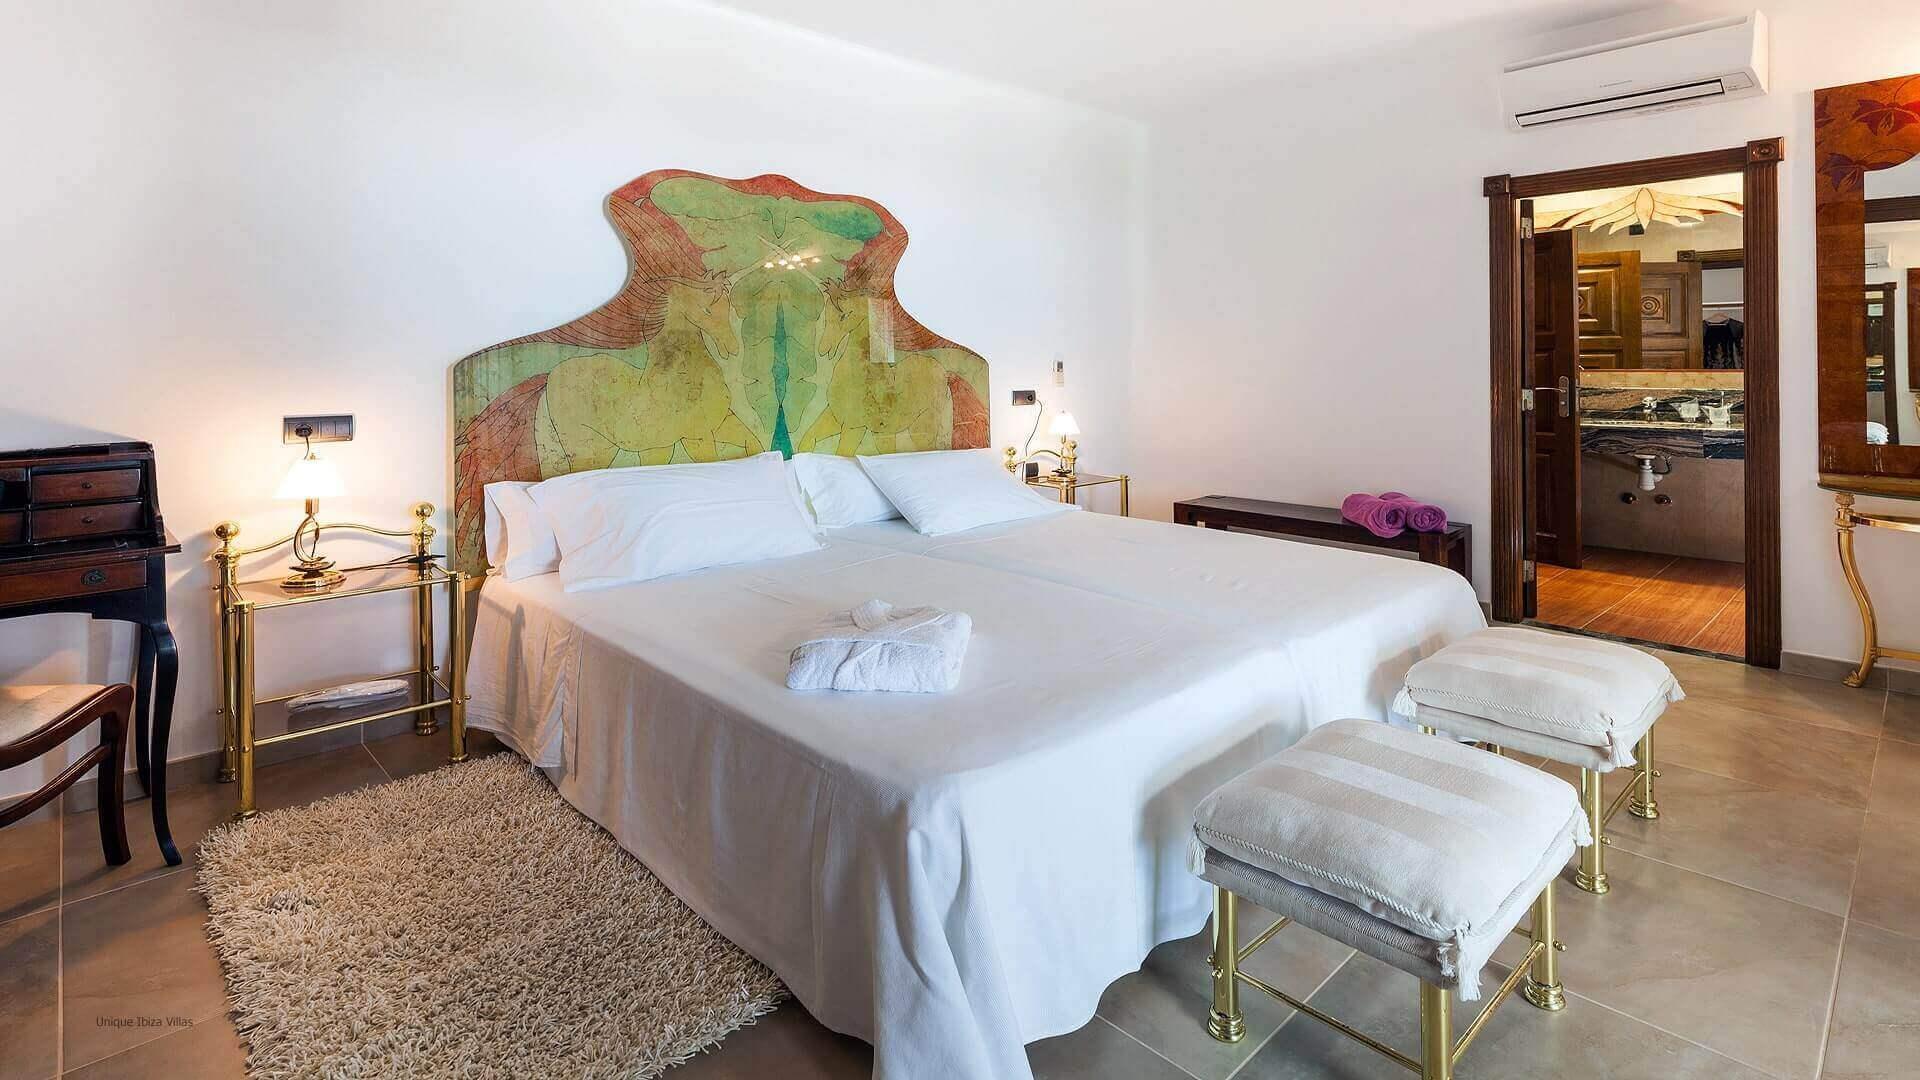 Villa Fuente De Ibiza 46 Bedroom 5